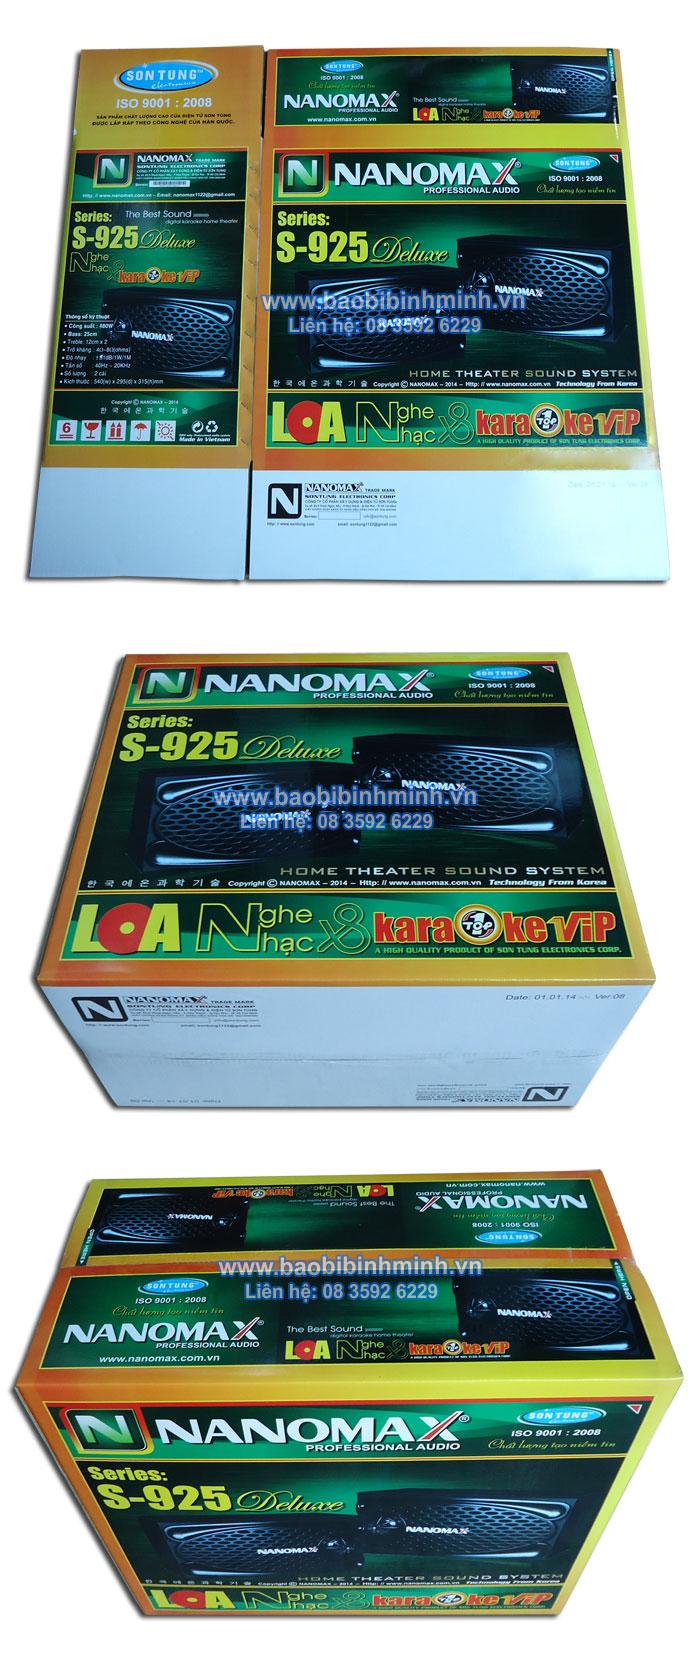 Thùng loa NANOMAX S-925 Delusce